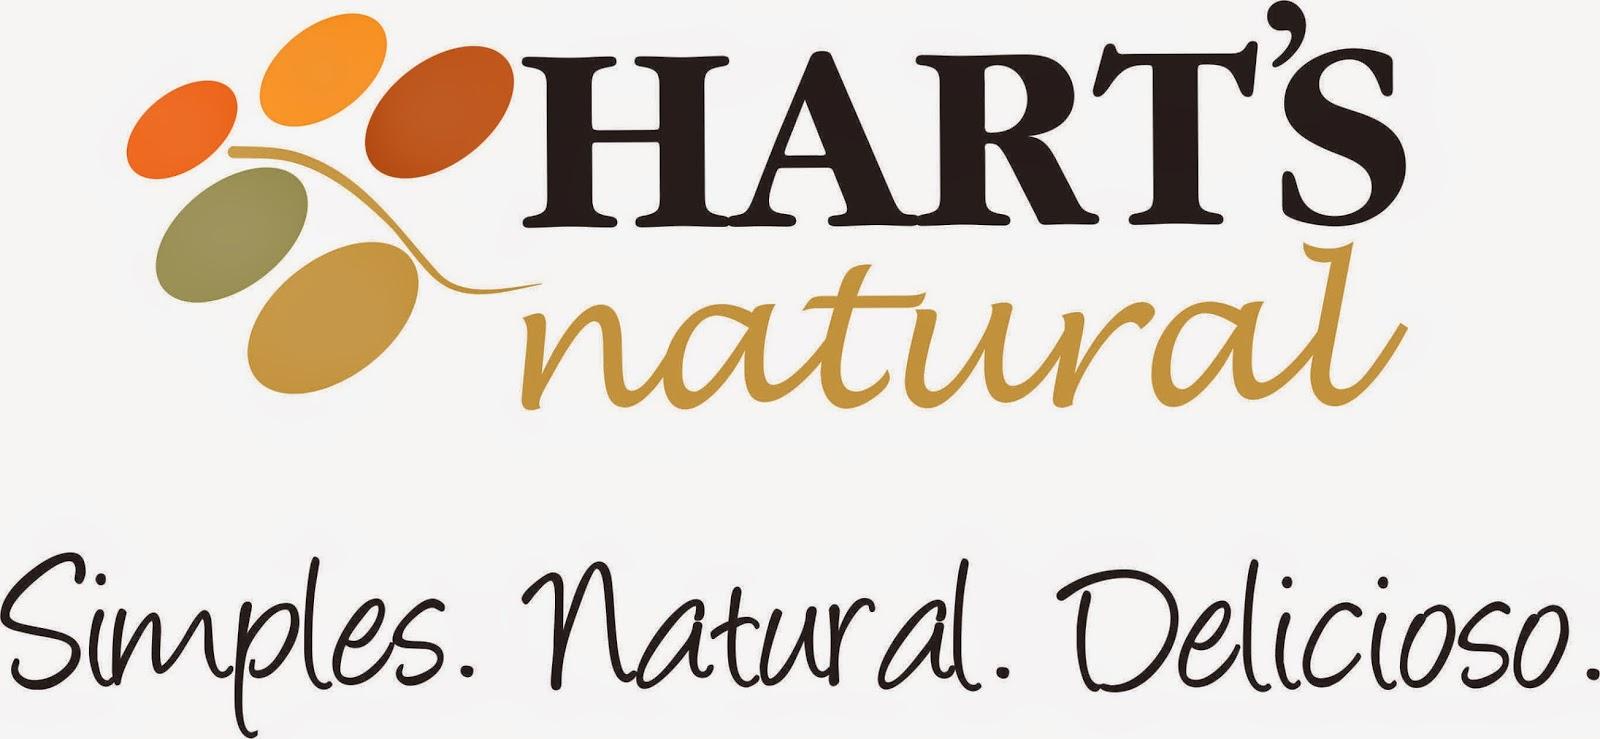 http://www.hartsnatural.com/